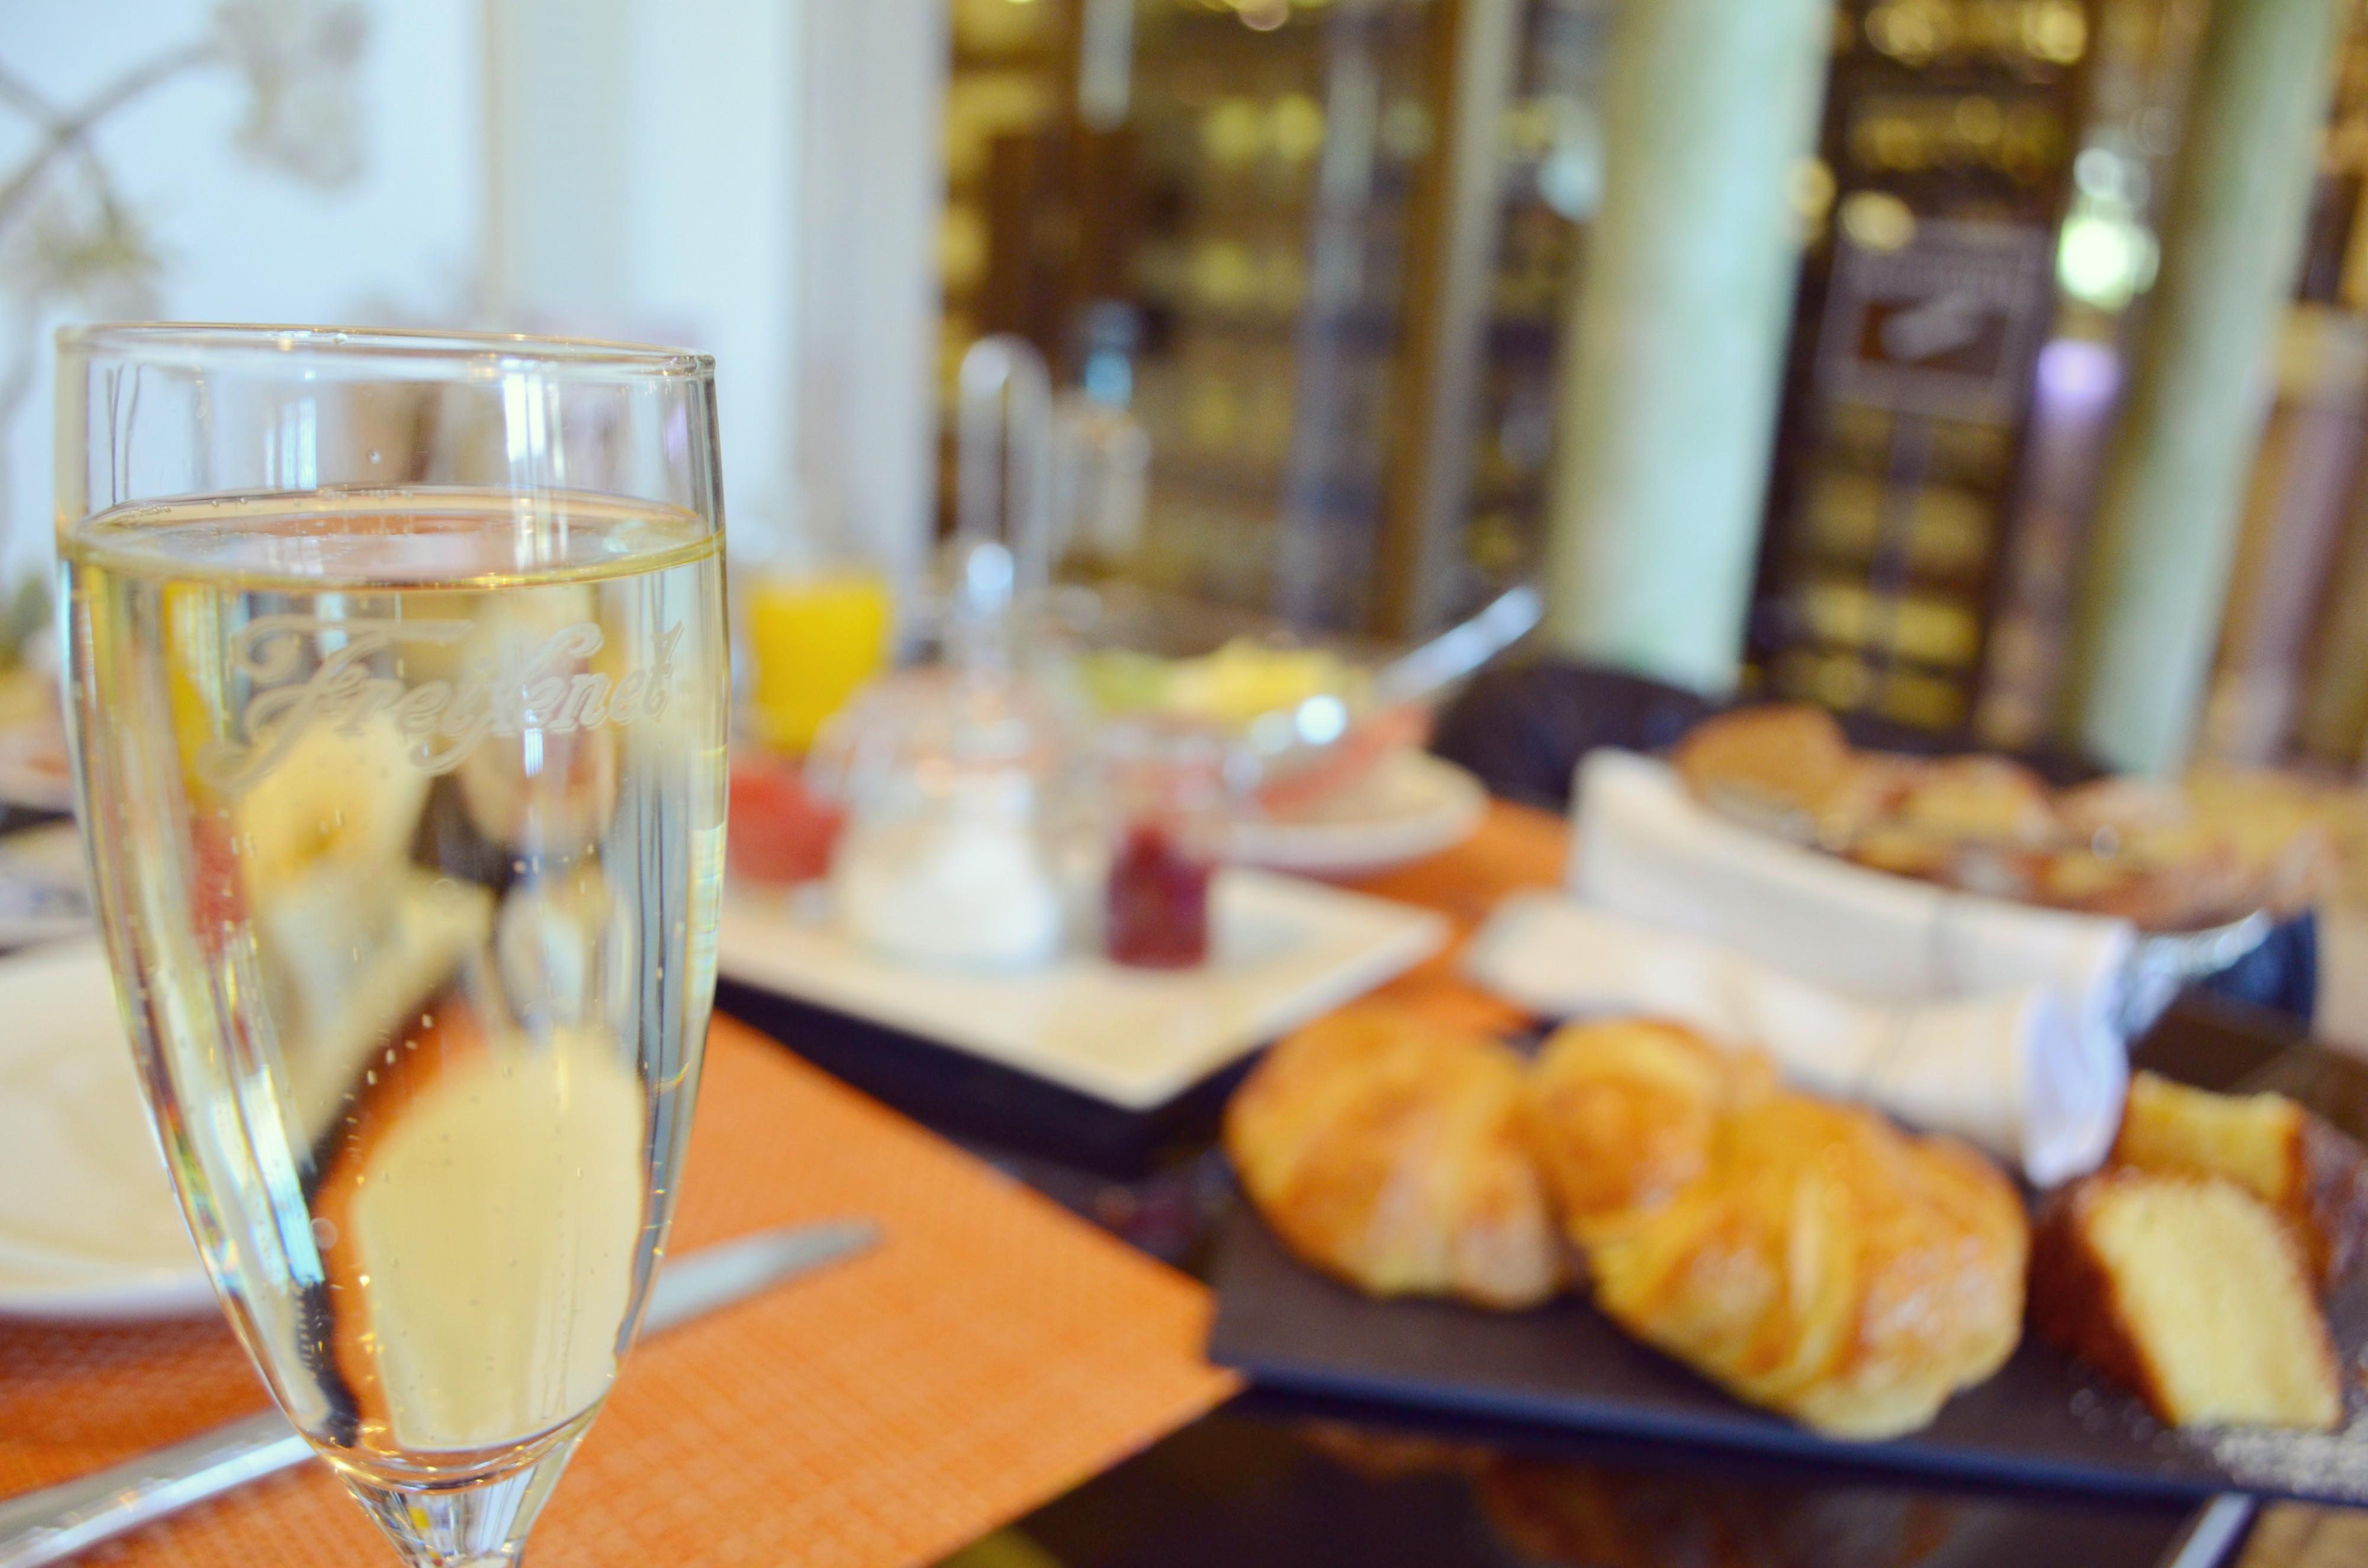 Cafe-de-oriente-Madrid-brunch-con-champagne-blog-de-moda-fashionista-planes-en-Madrid-PiensaenChic-Piensa-en-Chic